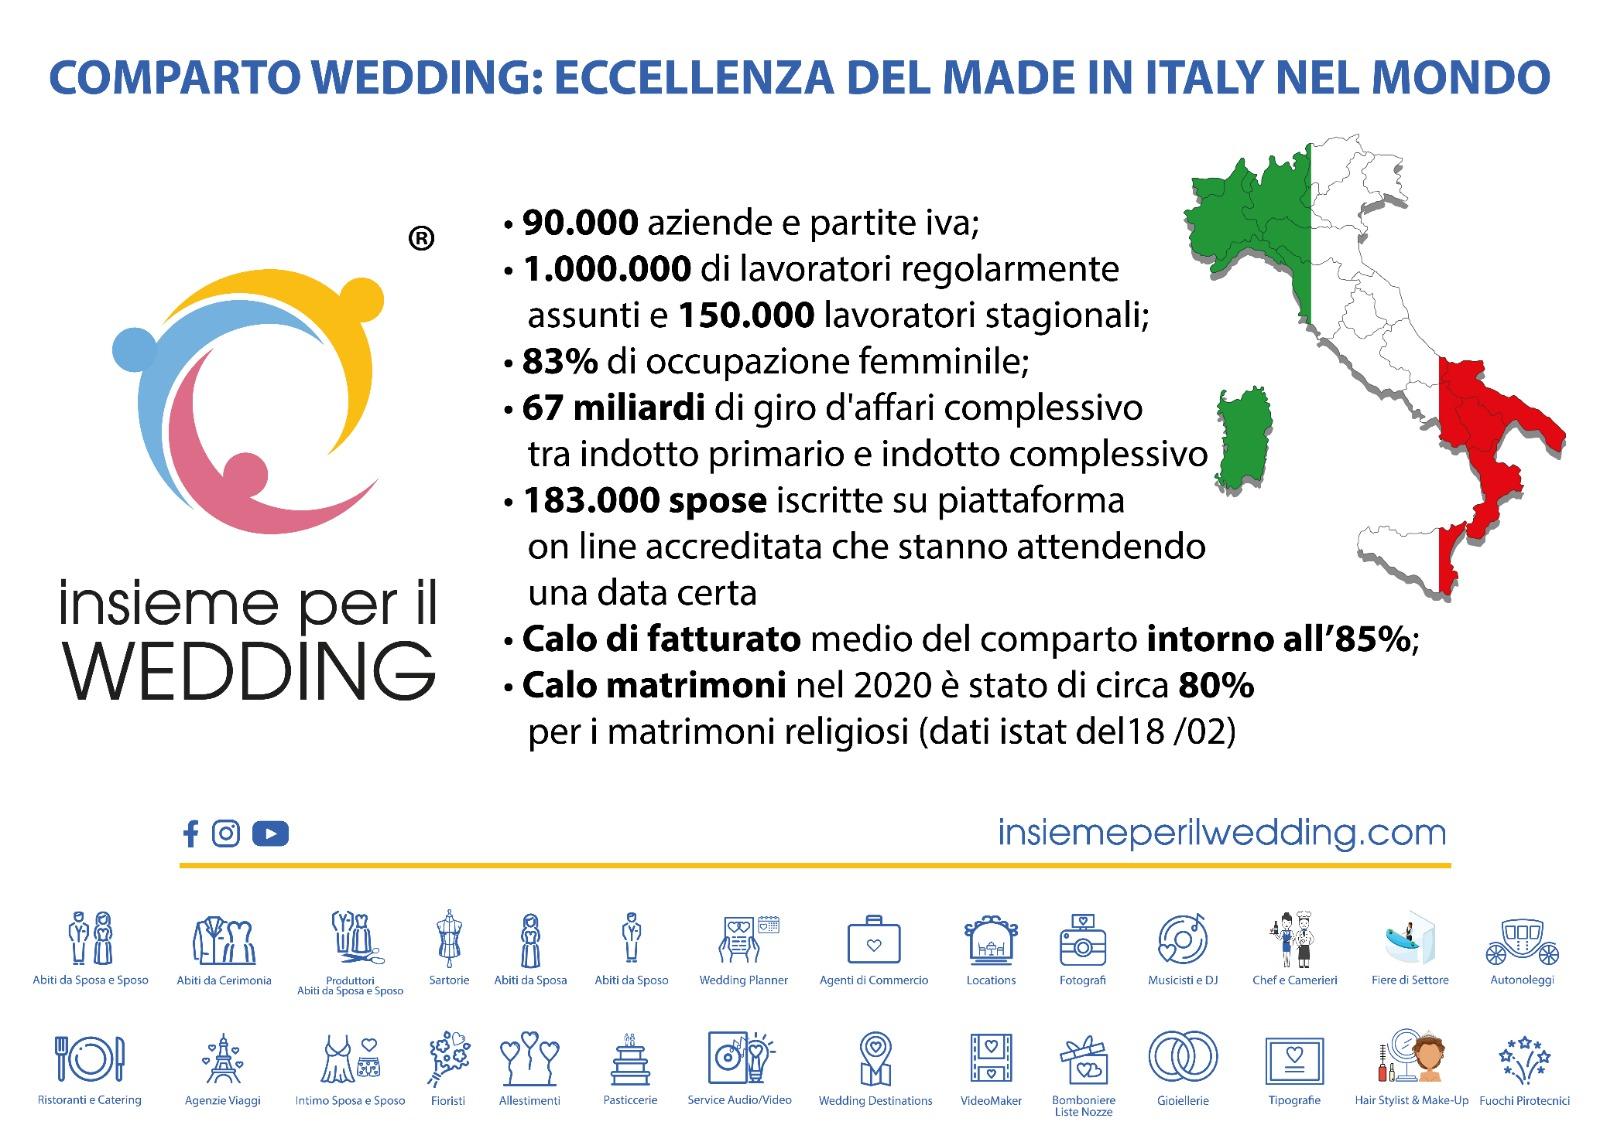 insieme per il wedding comparto matrimonio 2021 covid restrizioni coronavirus vinicio mascarello vicenza sposarsi a vicenza gatte vicentine